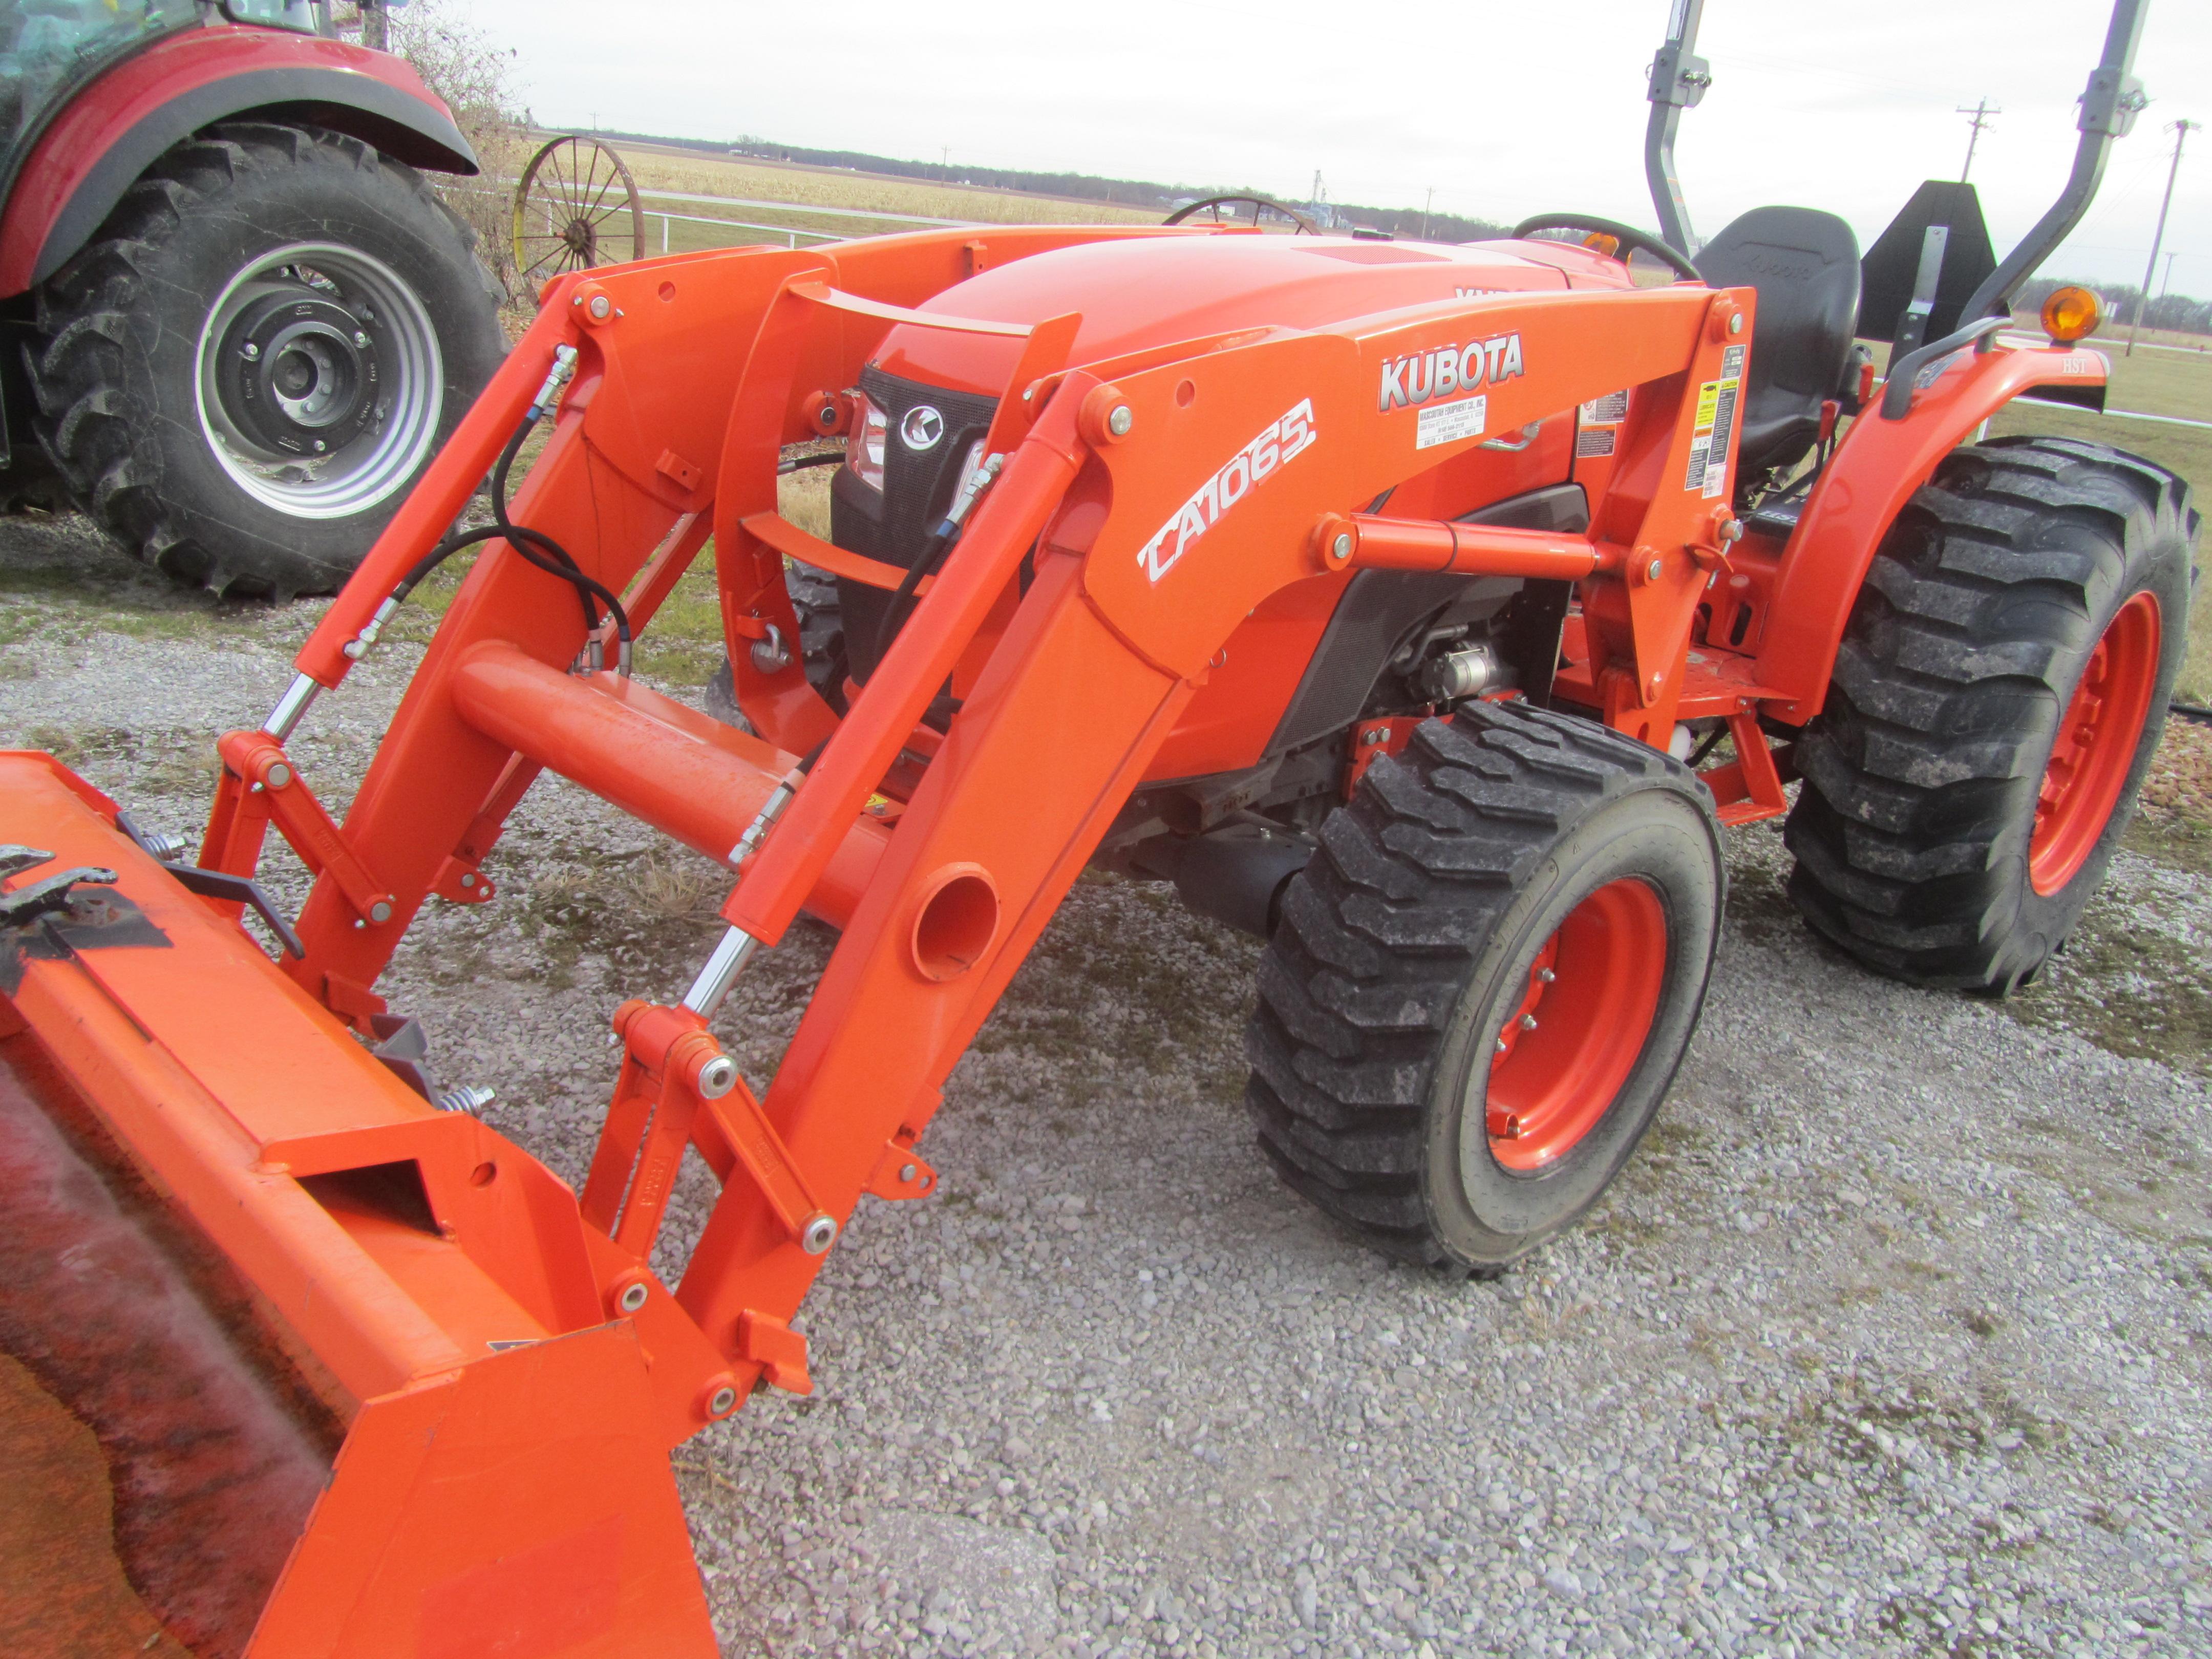 2016 Kubota MX5800HST Tractor